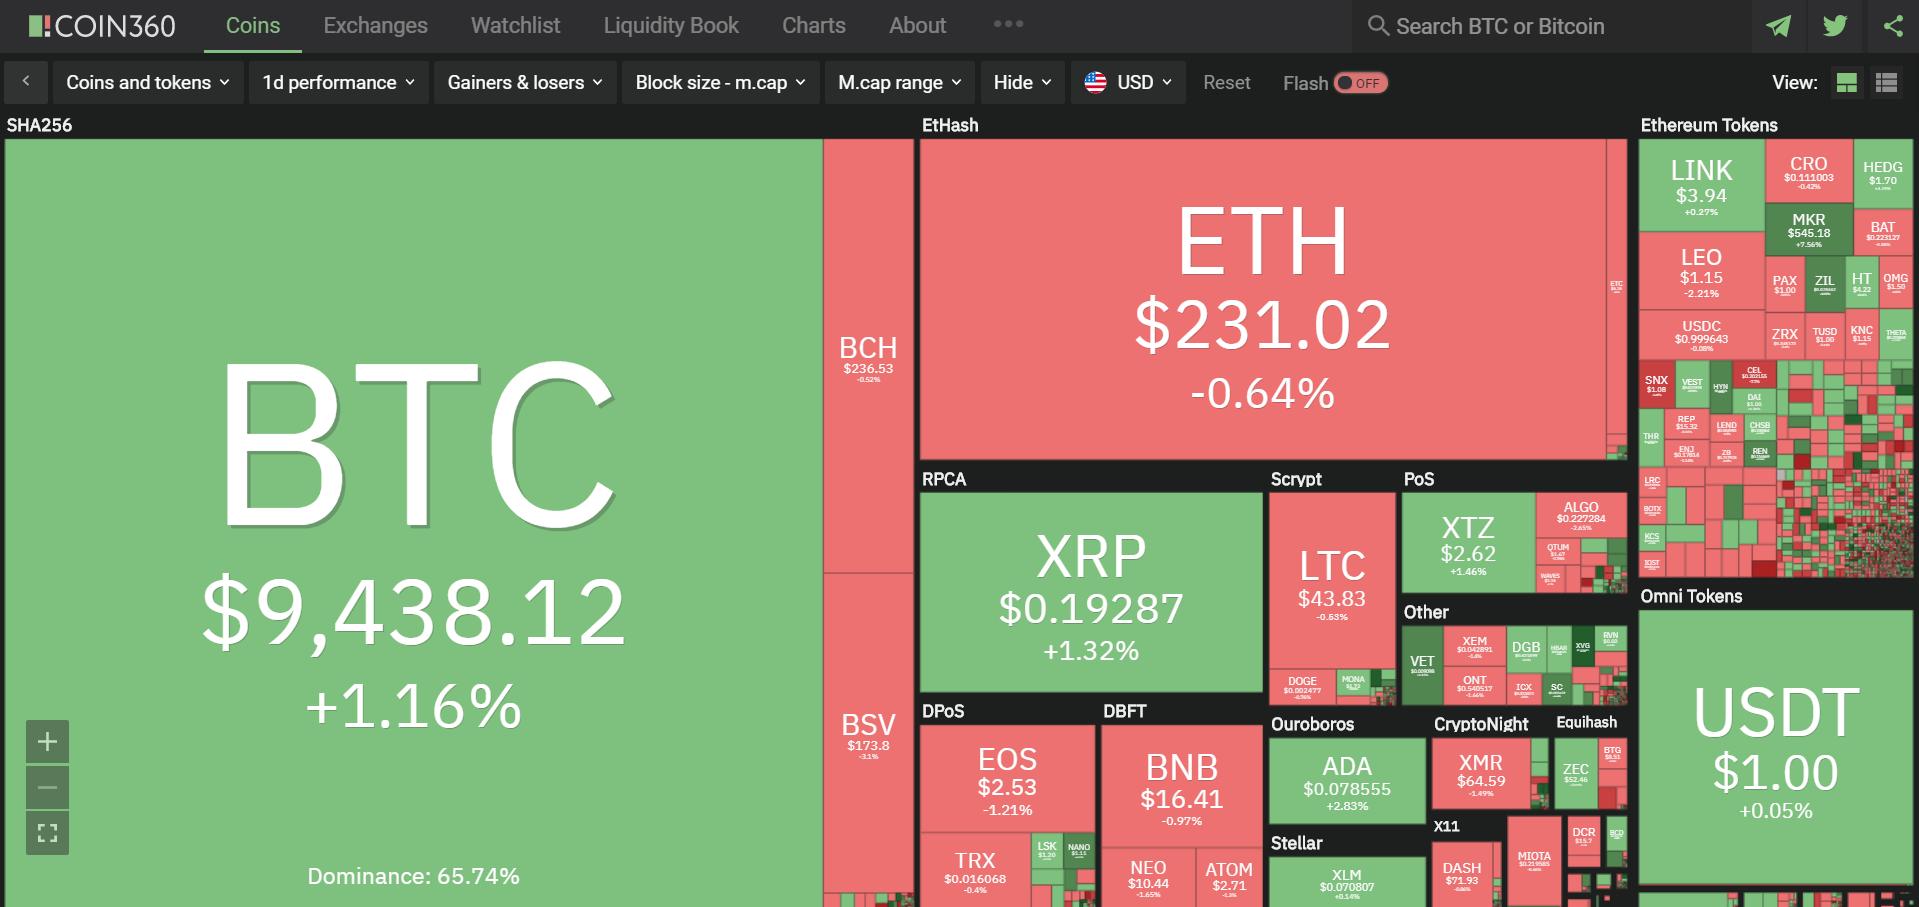 Toàn cảnh thị trường ngày 16/6 (nguồn: Coin360.com)